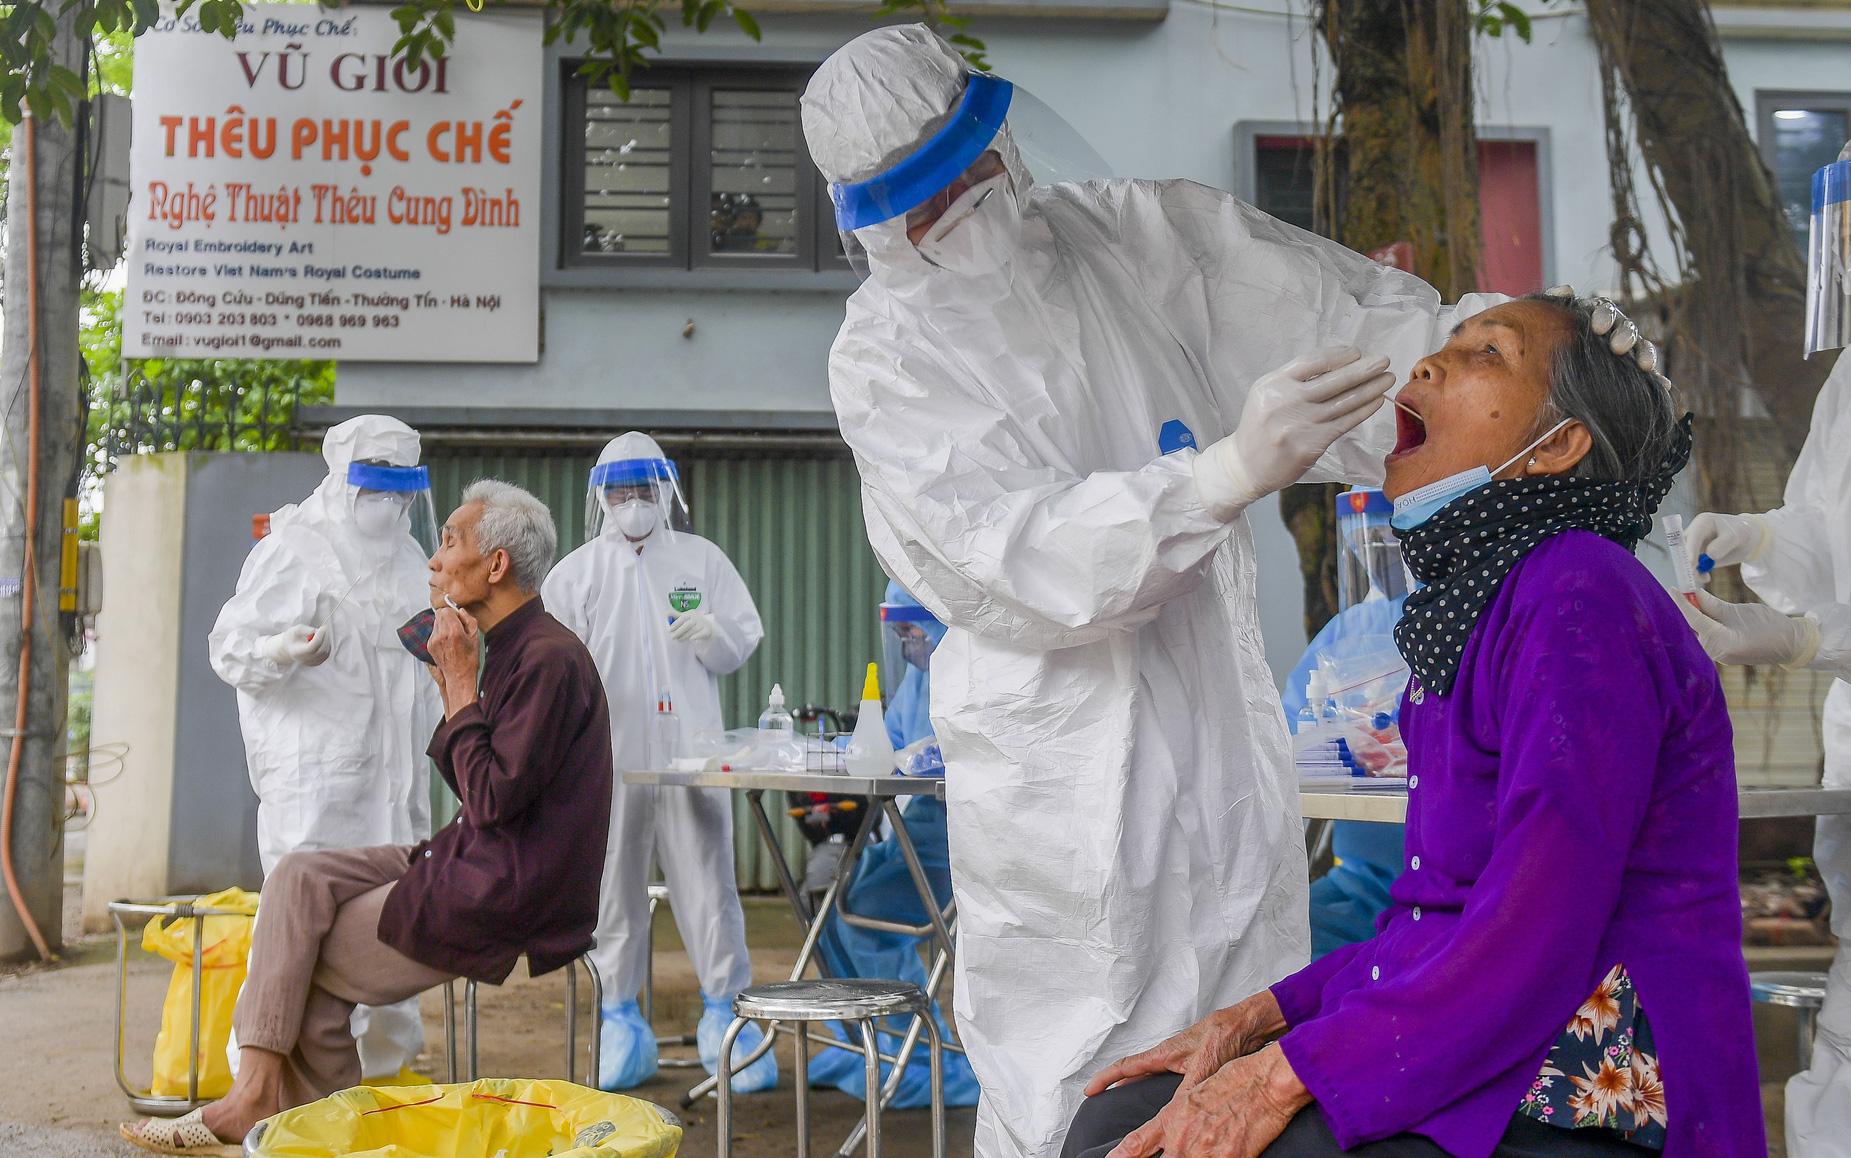 Hà Nội test nhanh hơn 1.300 người dân khu vực bệnh nhân 266 cư trú